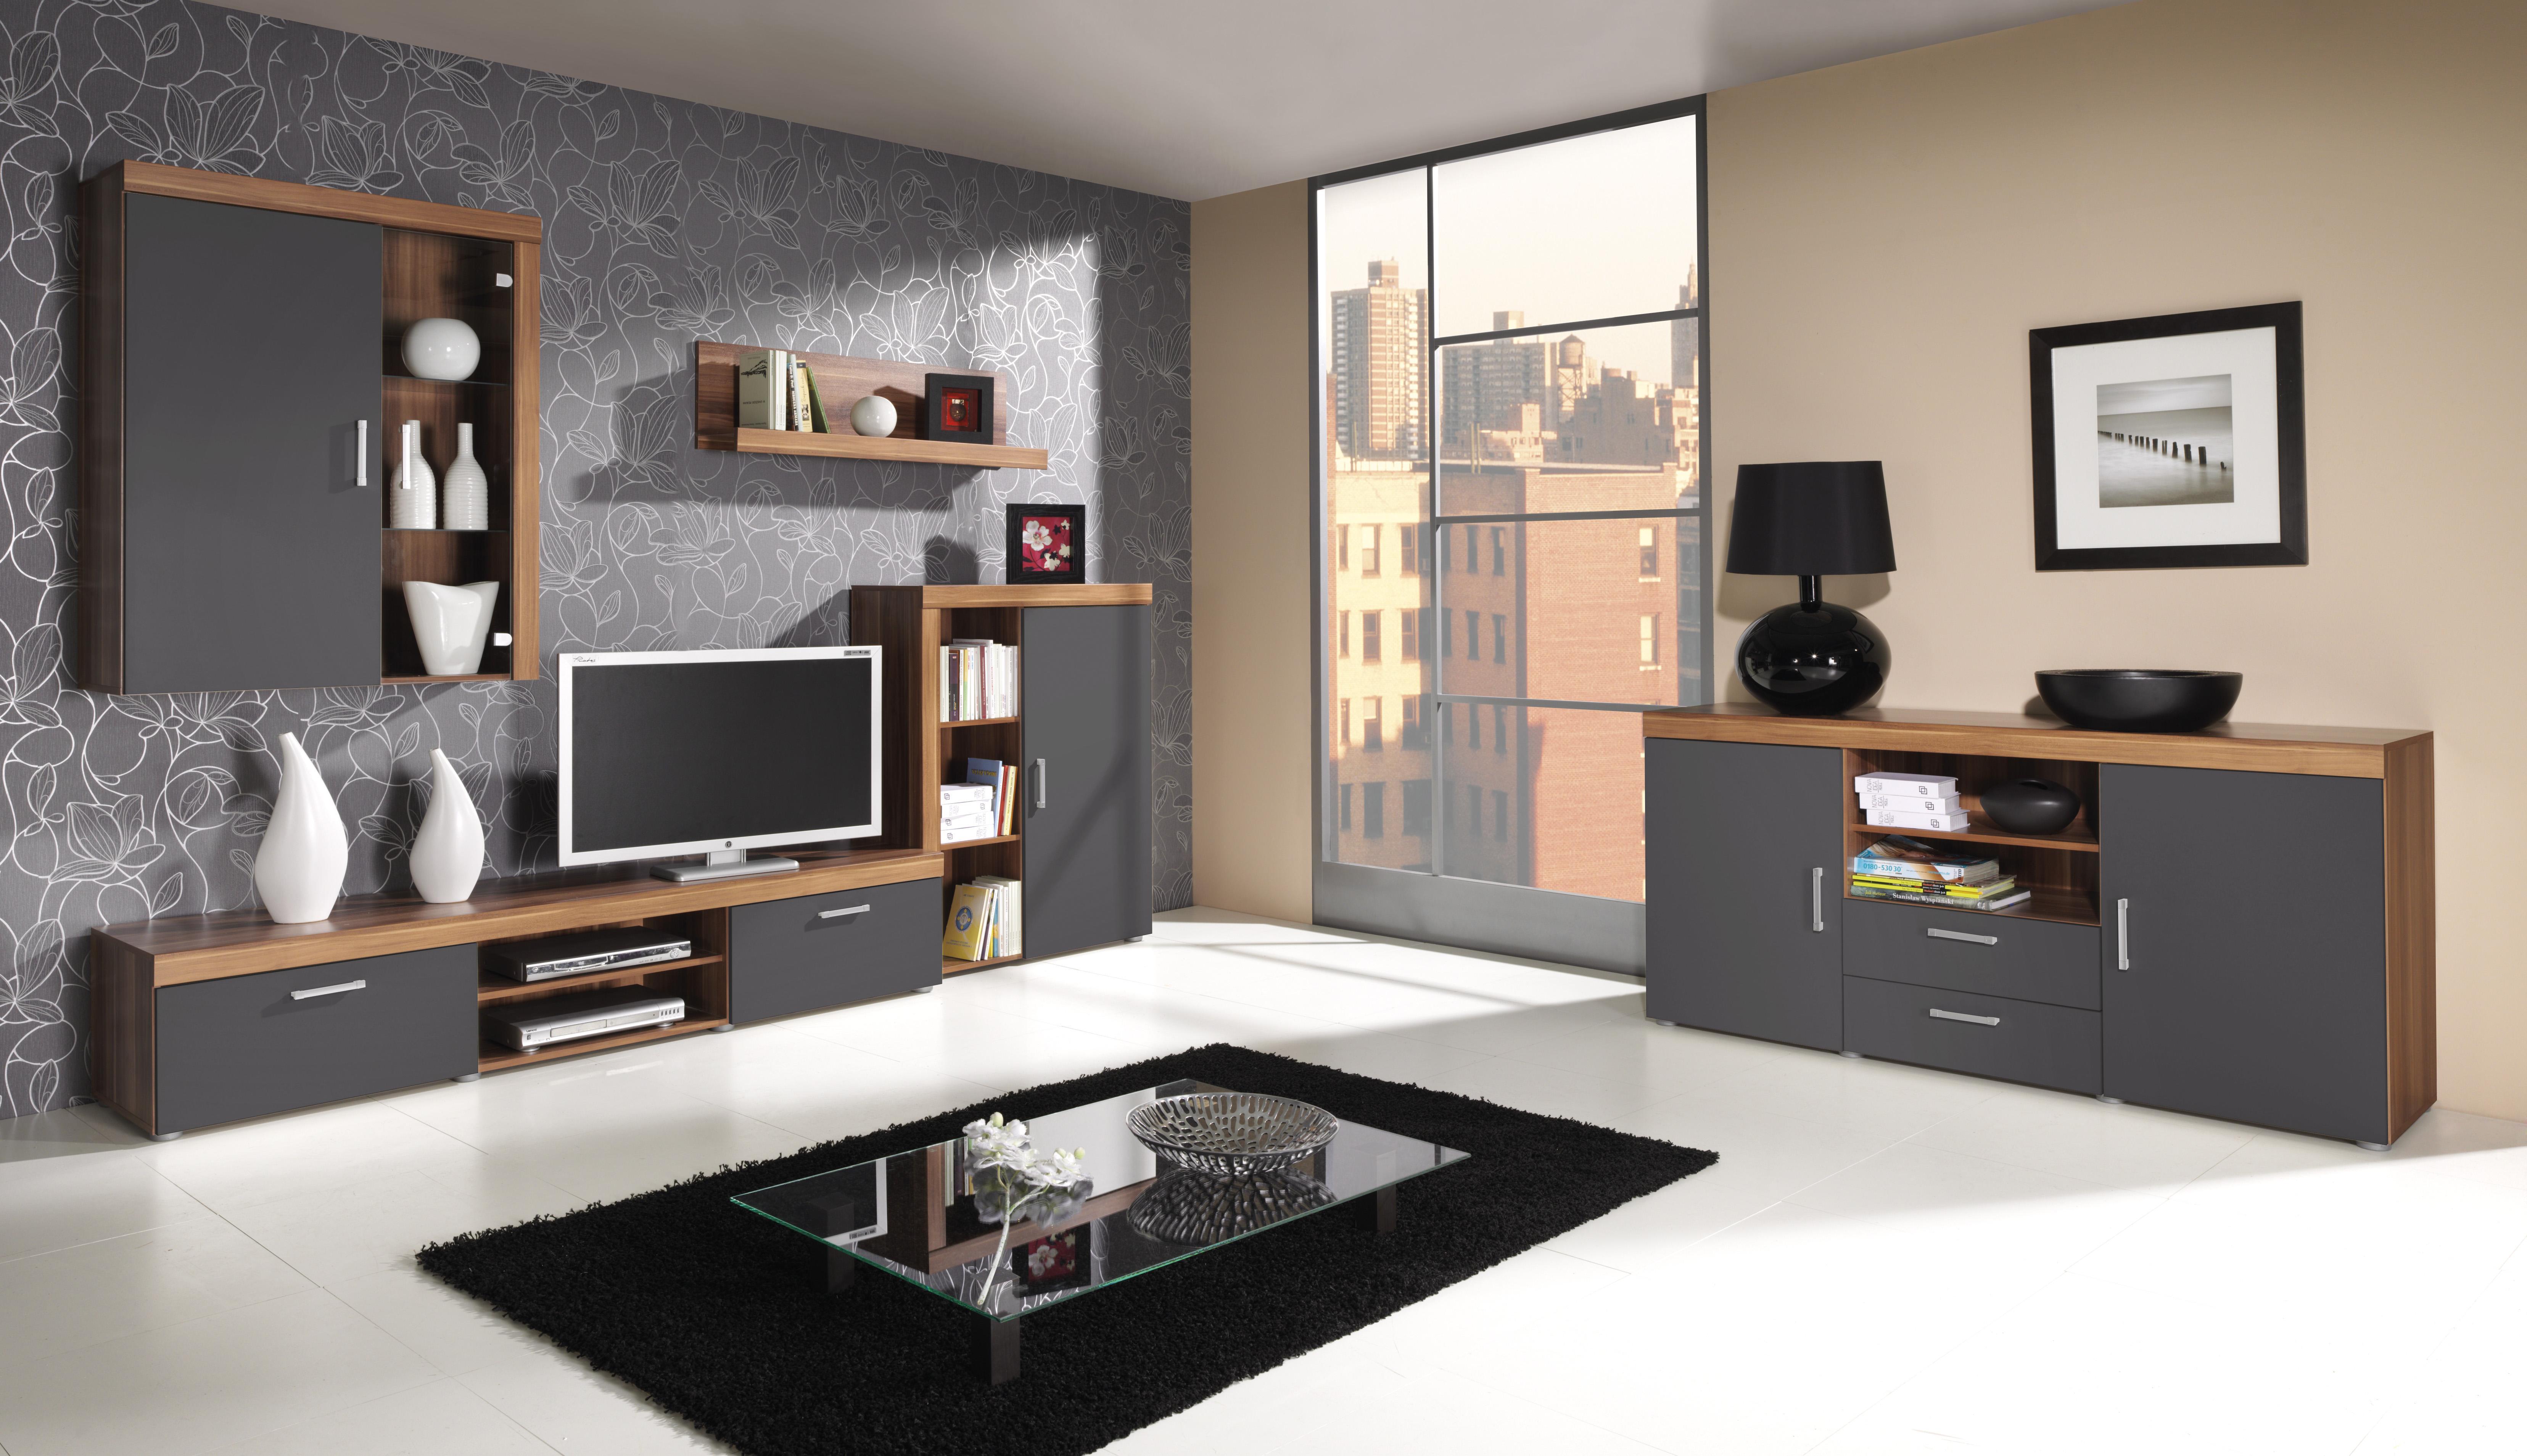 d7aeca682cbf Obývacia izba Salford 2